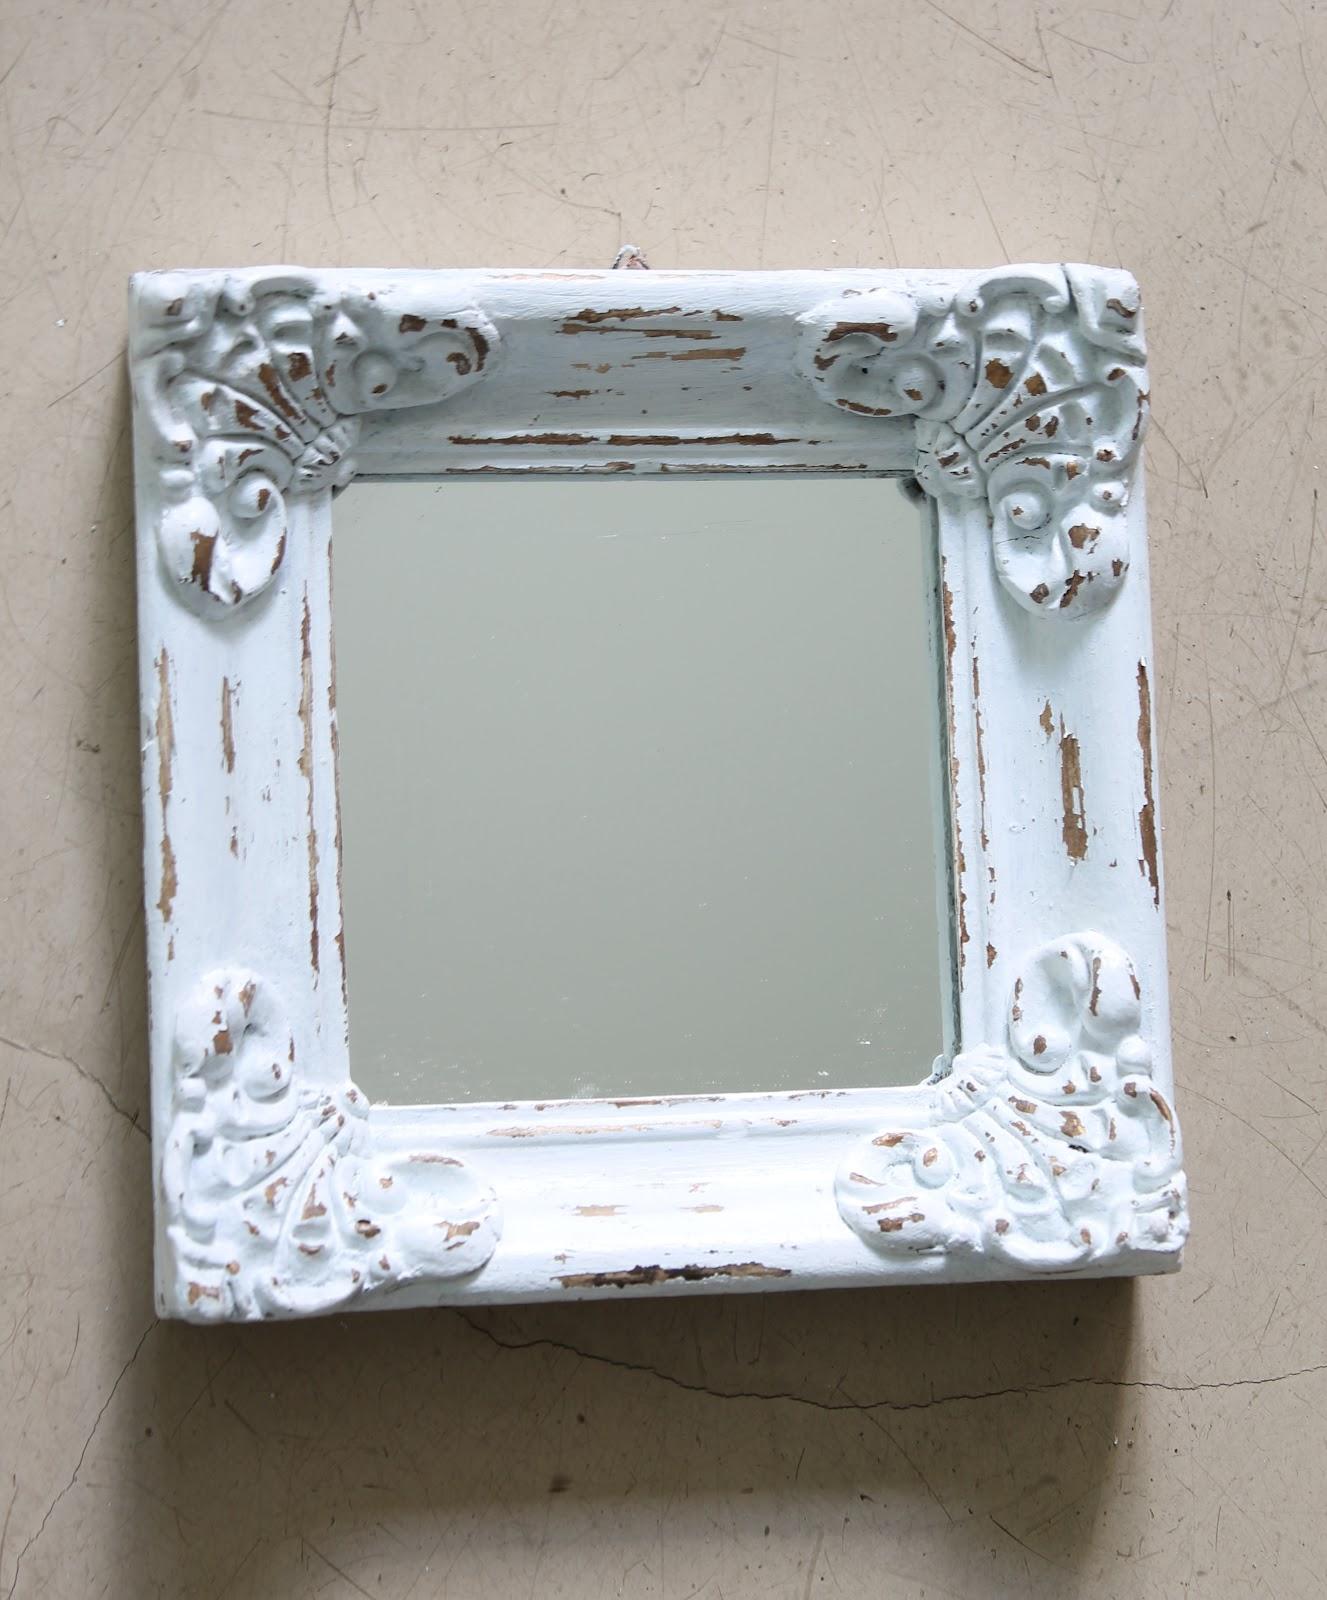 Espejitos antiguos deco marce tienda - Marcos espejos antiguos ...